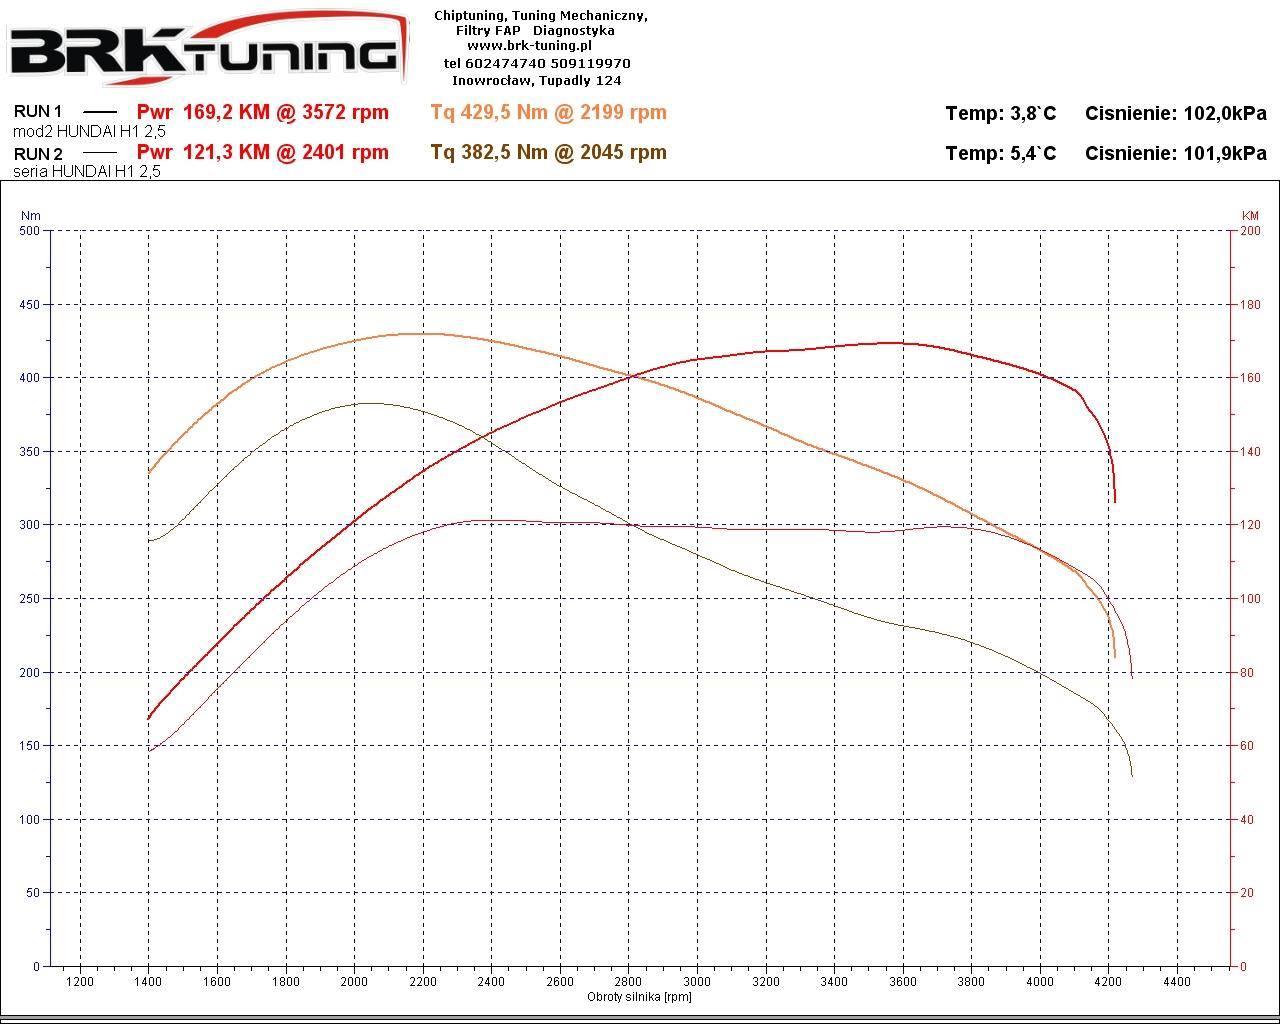 Hyundai H1 chiptuning